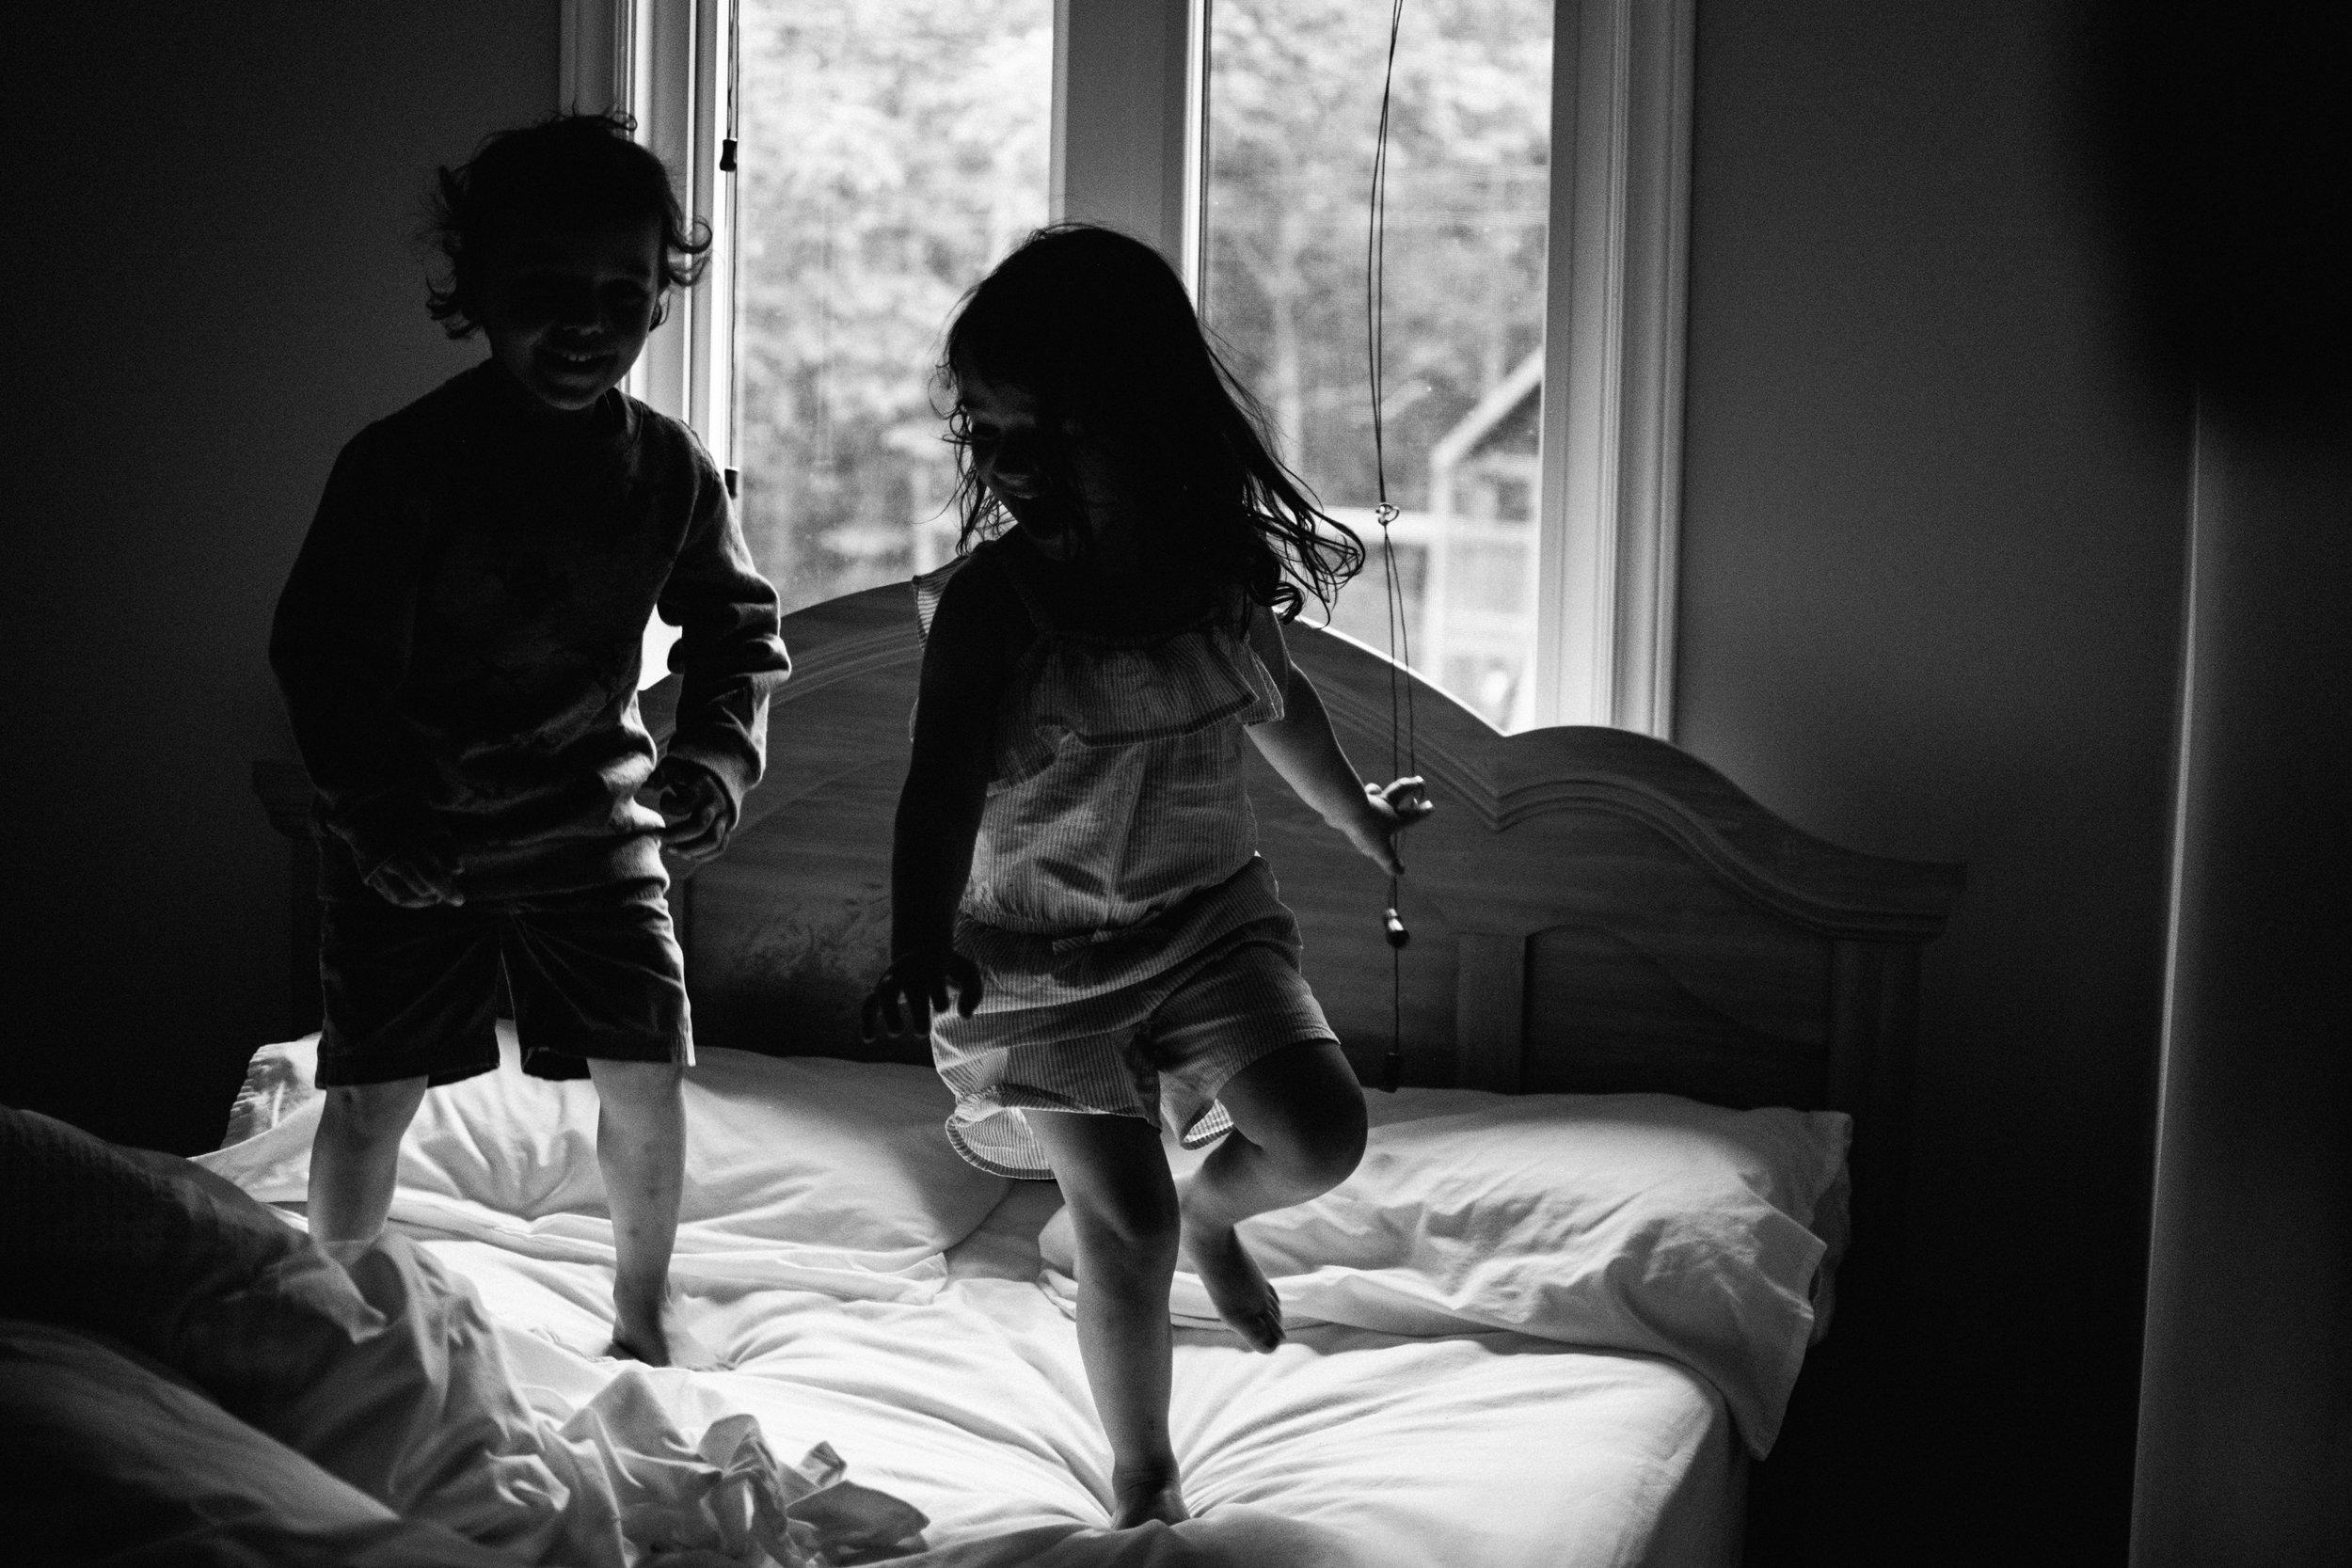 photo-d-enfants-qui-sautent-sur-un-lit-photographe-lifestyle-famille-et-nouveau-ne-a-montreal-marianne-charland-215.jpg